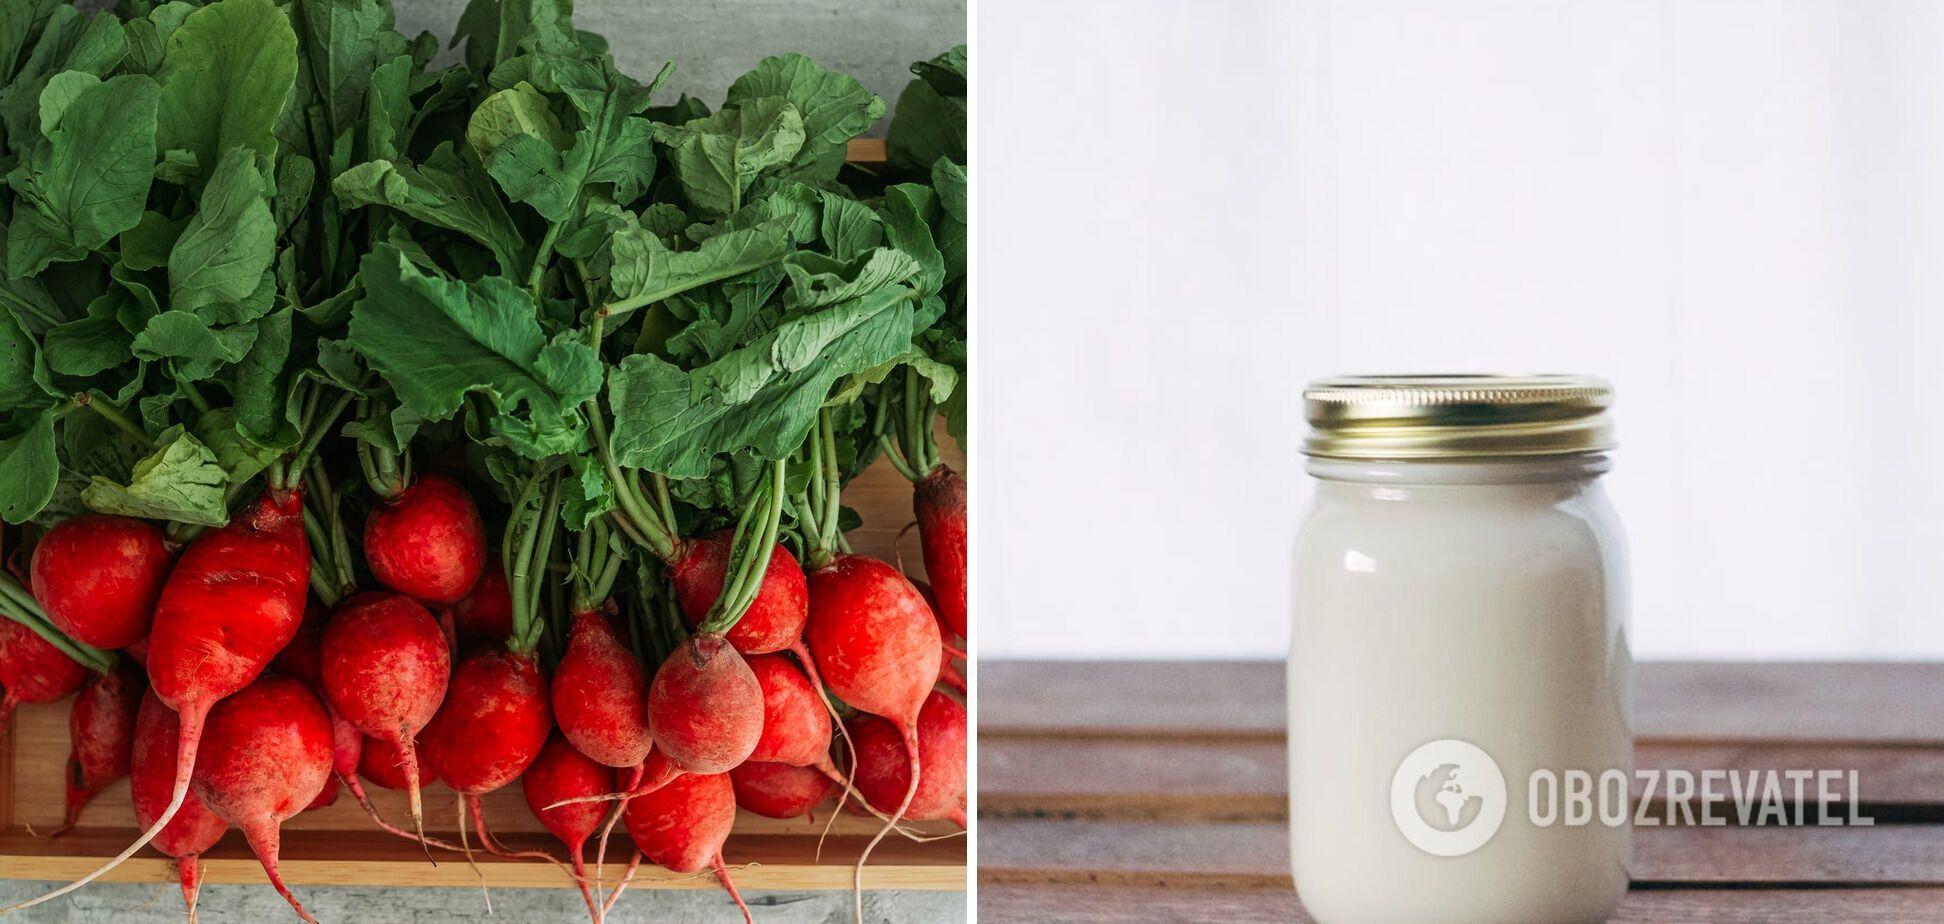 Редис та йогурт – непоєднувані продукти